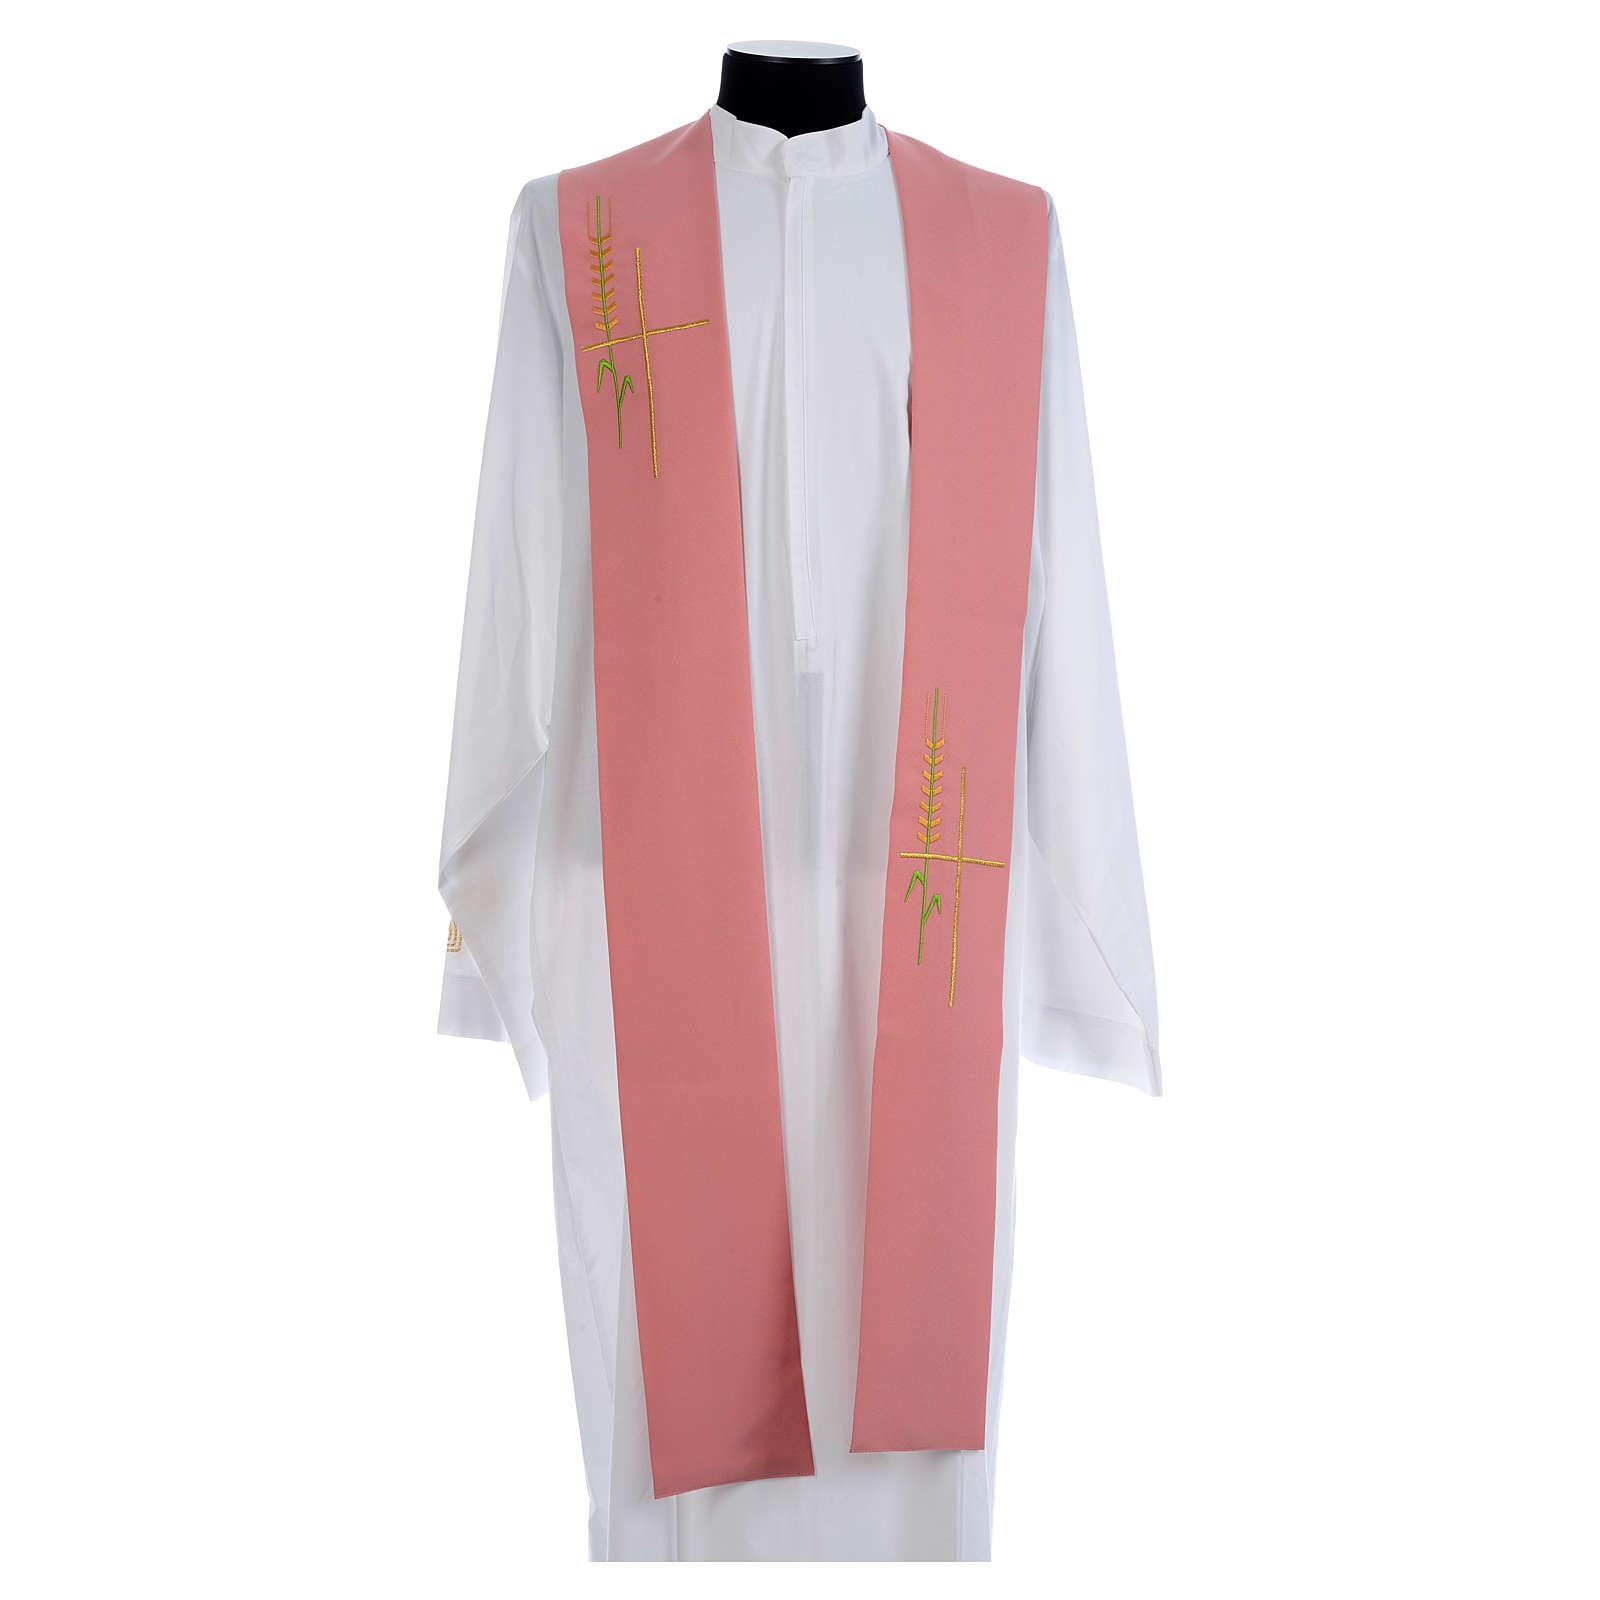 Estola monocolor rosa espiga cruz estilizada poliéster 4